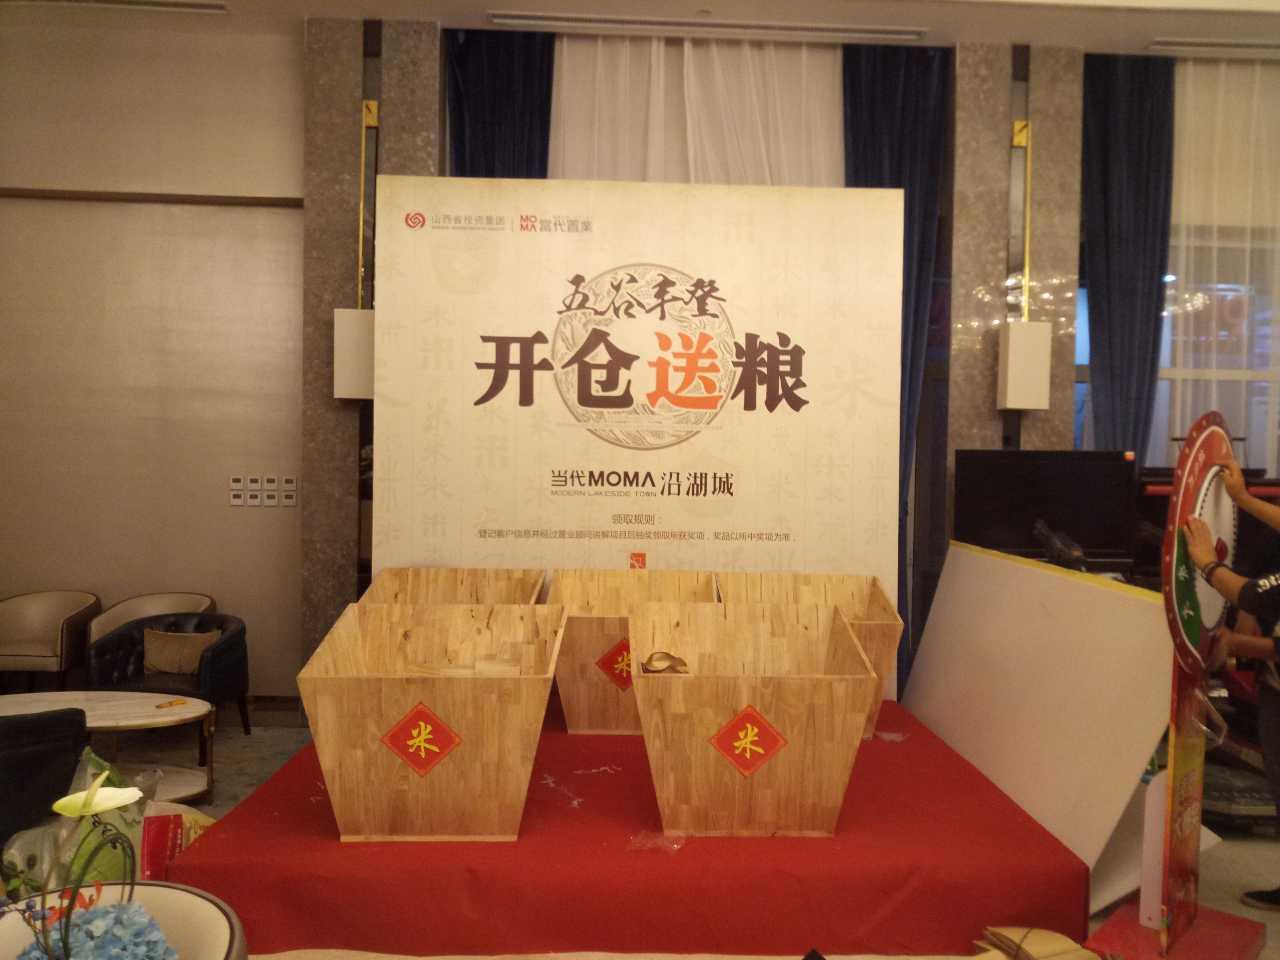 来自王红星发布的商务合作信息:... - 山西晋京星月文化传媒有限公司